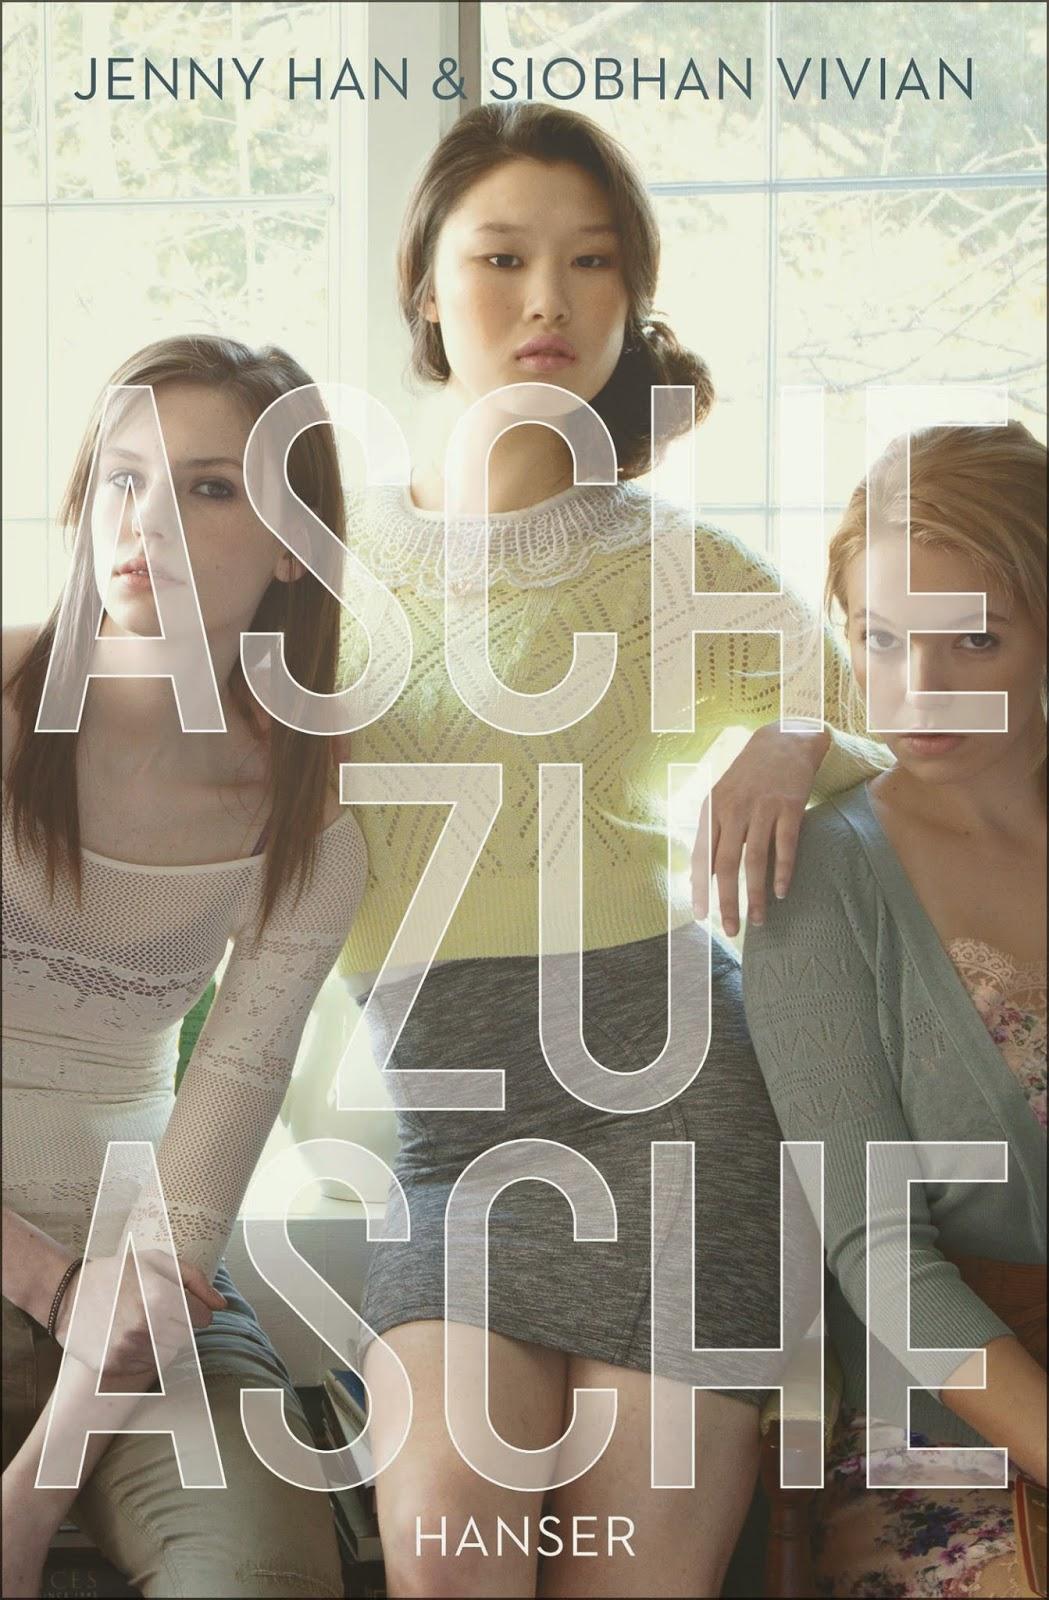 http://www.amazon.de/Asche-zu-Jenny-Han/dp/3446247424/ref=sr_1_1?s=books&ie=UTF8&qid=1425171164&sr=1-1&keywords=asche+zu+asche